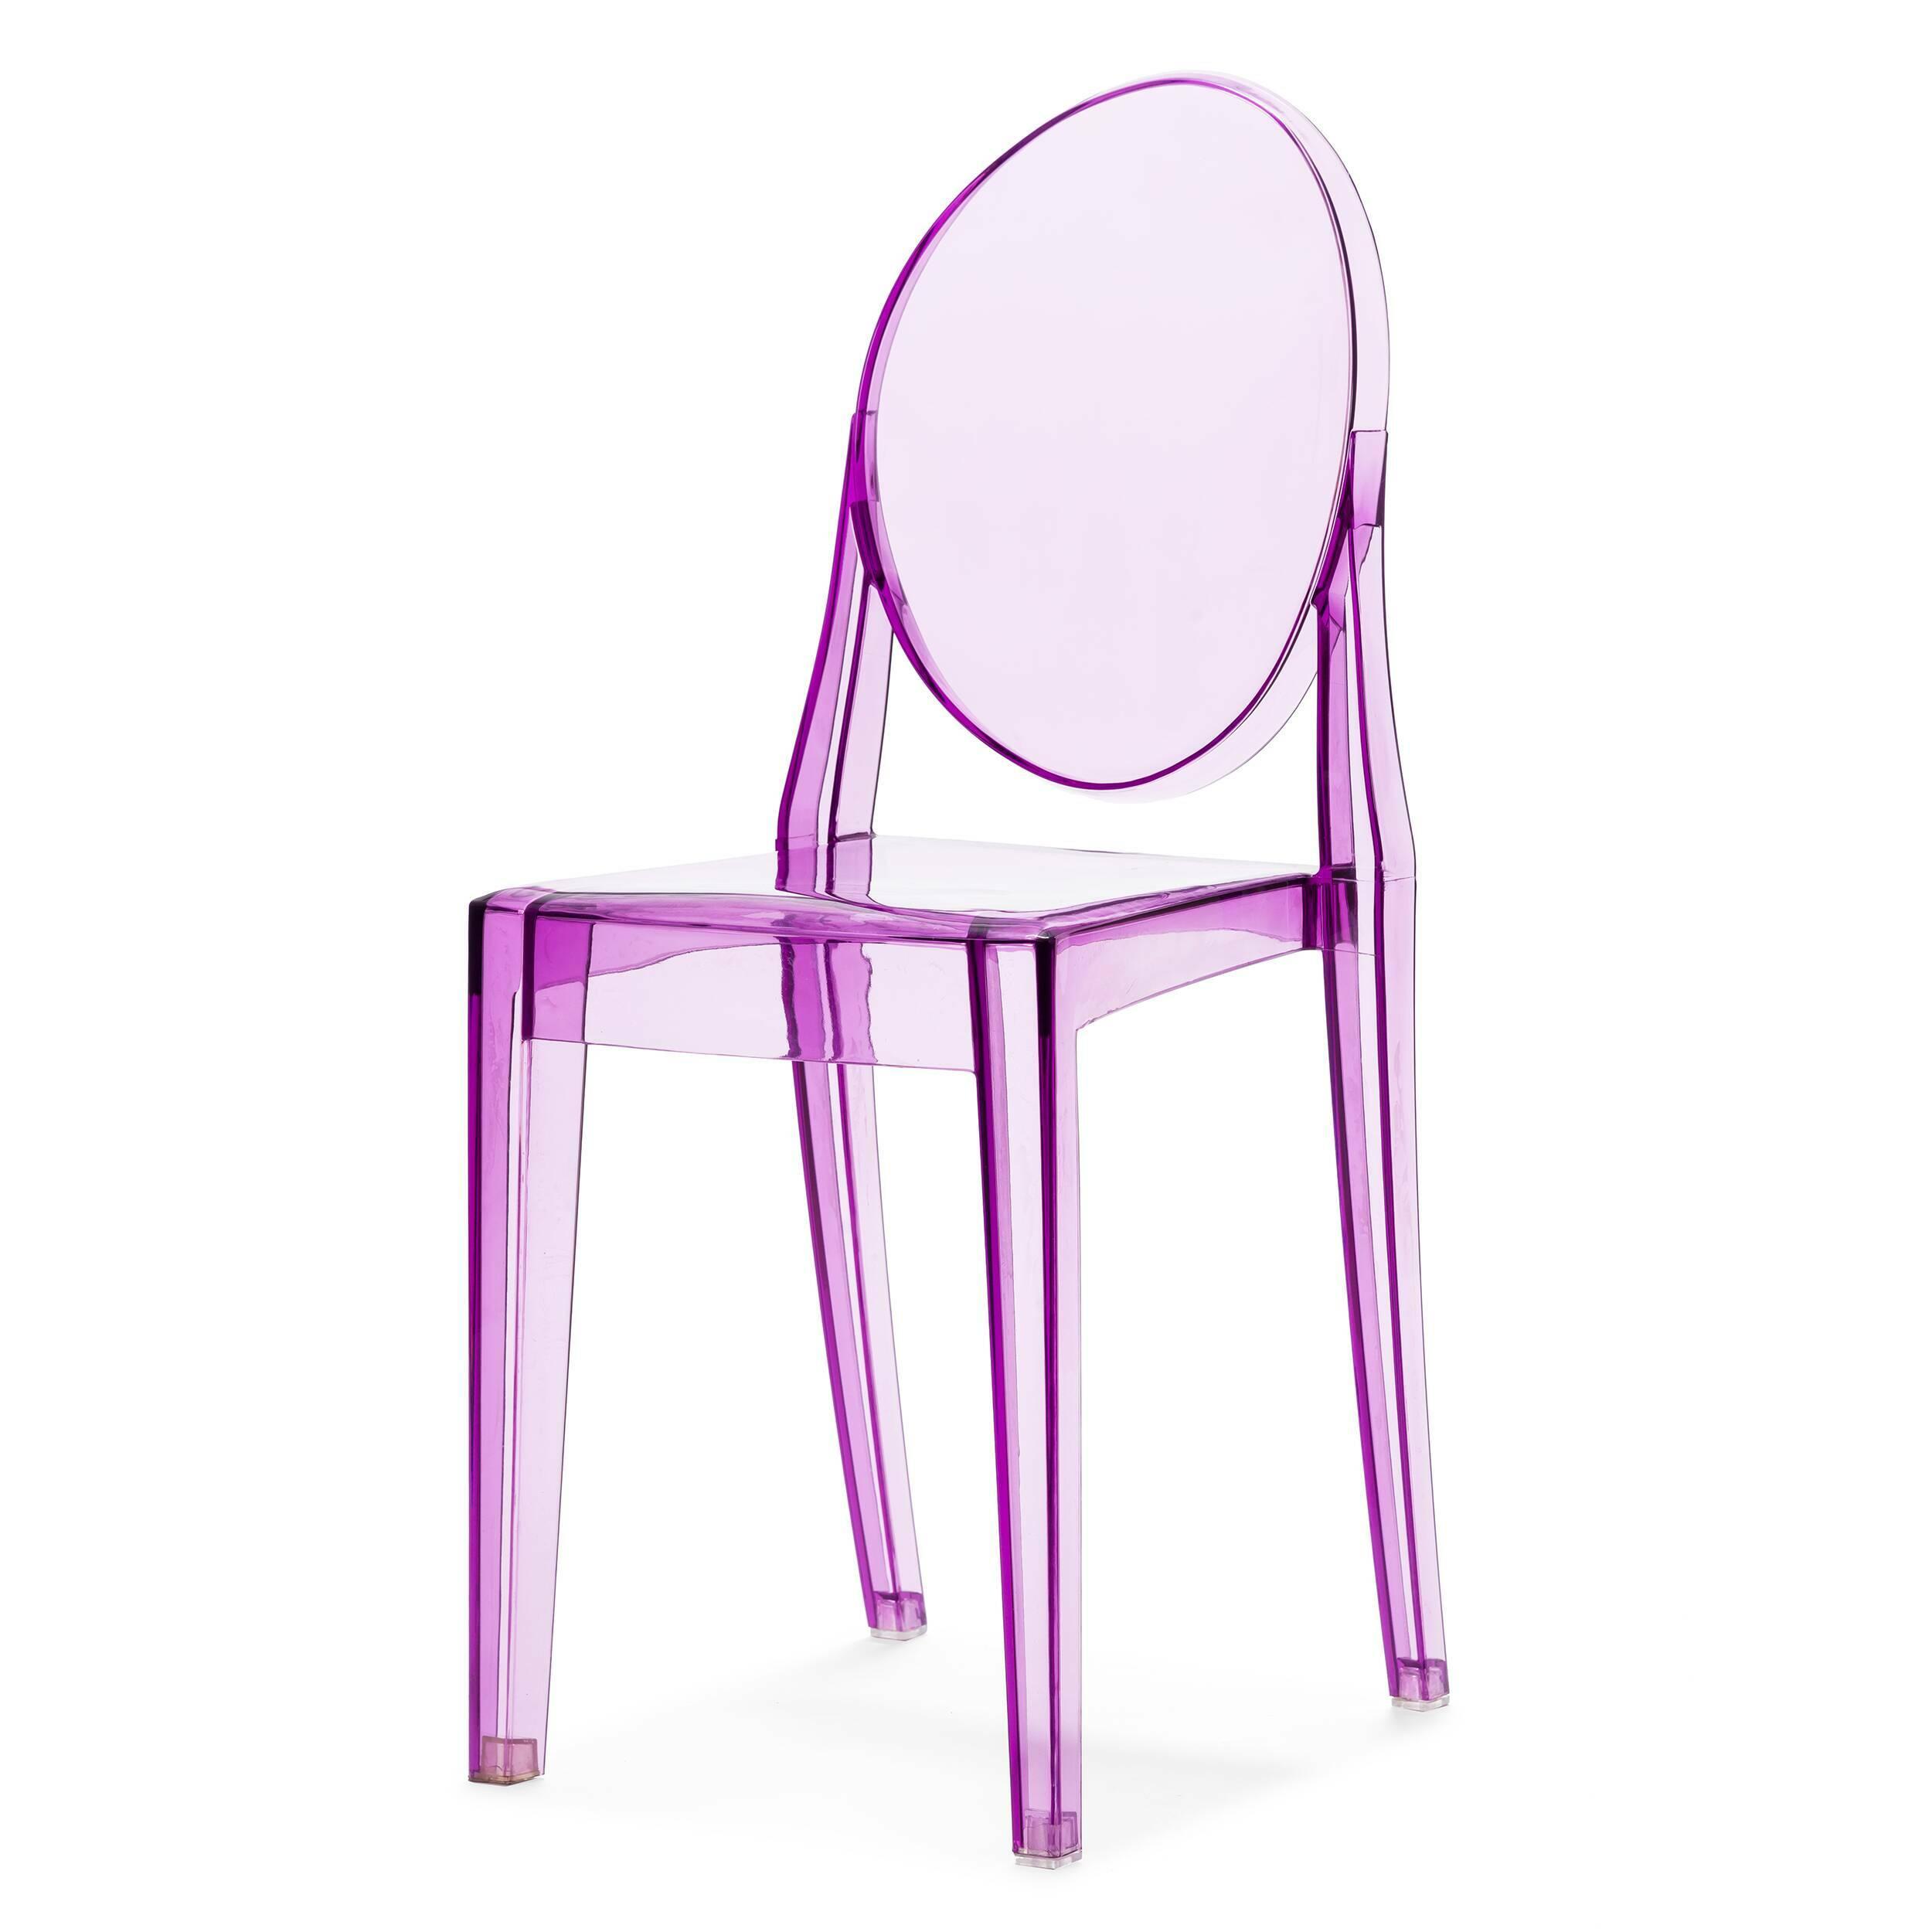 Стул Victoria GhostИнтерьерные<br>Дизайнерский прозрачный пластиковый стул Victoria Ghost (Виктория Гост) с подлокотниками от Cosmo (Космо).<br>Обращаясь к стилю рококо, господствовавшему во Франции в XVIII веке, французский промышленный дизайнер Филипп Старк в 2002 году разработал эти удобные современные стулья. Современность, черпающая вдохновение в стиле времен правления Людовика XV, удивляет и в то же время очаровывает. Оригинальные стулья Victoria Ghost от Филиппа Старка послужат элегантным дополнением вашего интерьера.<br><br>...<br><br>stock: 0<br>Высота: 90,5<br>Высота сиденья: 48,5<br>Ширина: 38,5<br>Глубина: 49,5<br>Материал каркаса: Поликарбонат<br>Тип материала каркаса: Пластик<br>Цвет каркаса: Фиолетовый прозрачный